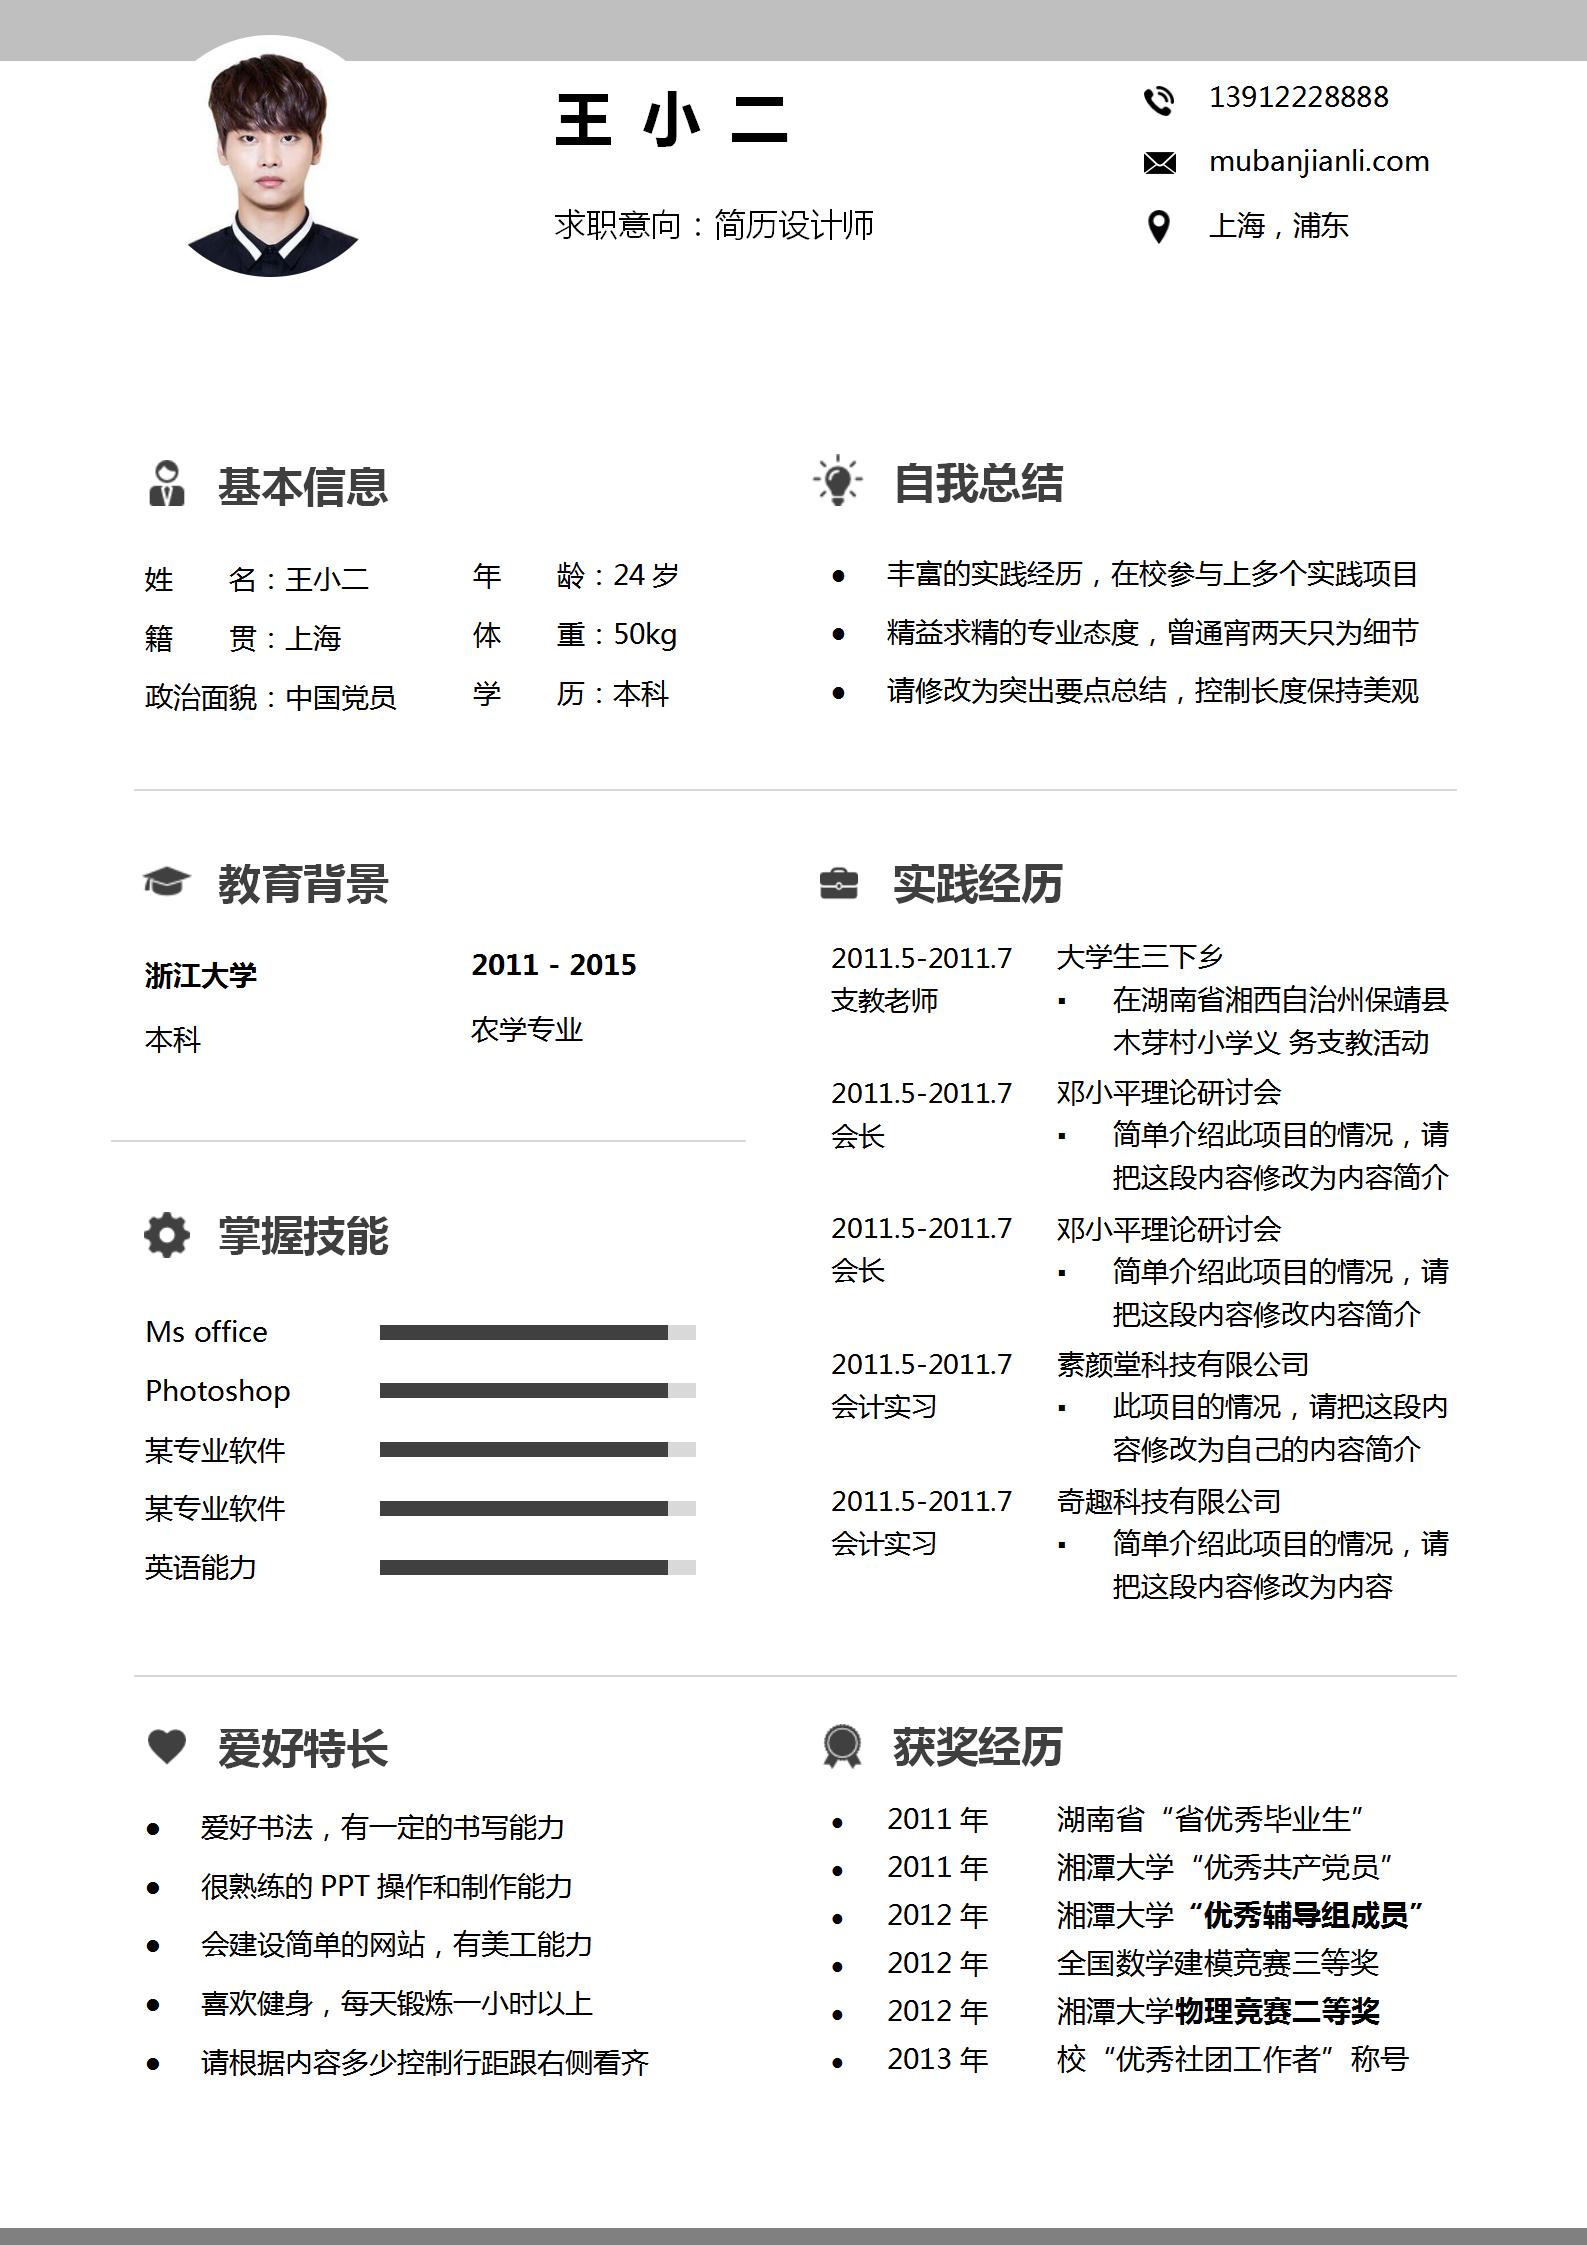 简单单页模板简历下载